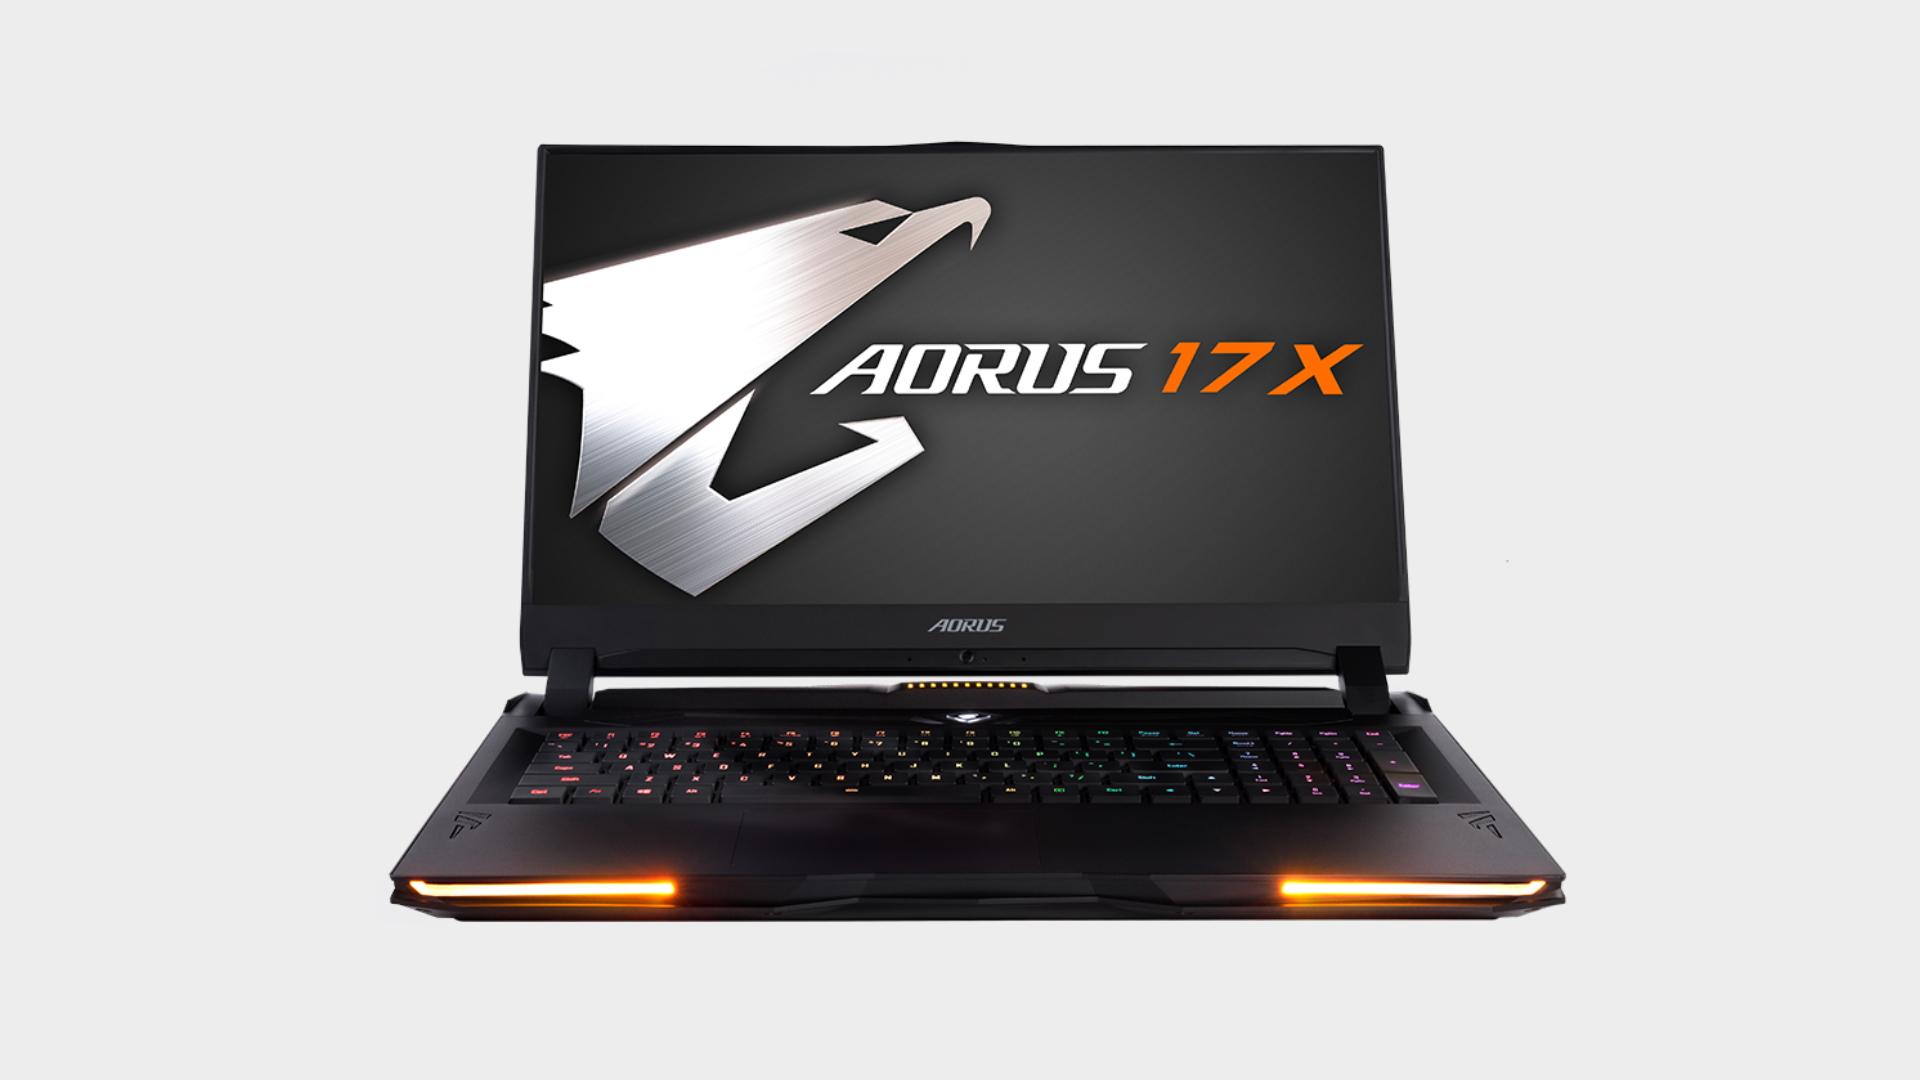 Gigabyte Aorus 17X Gaming Laptop review